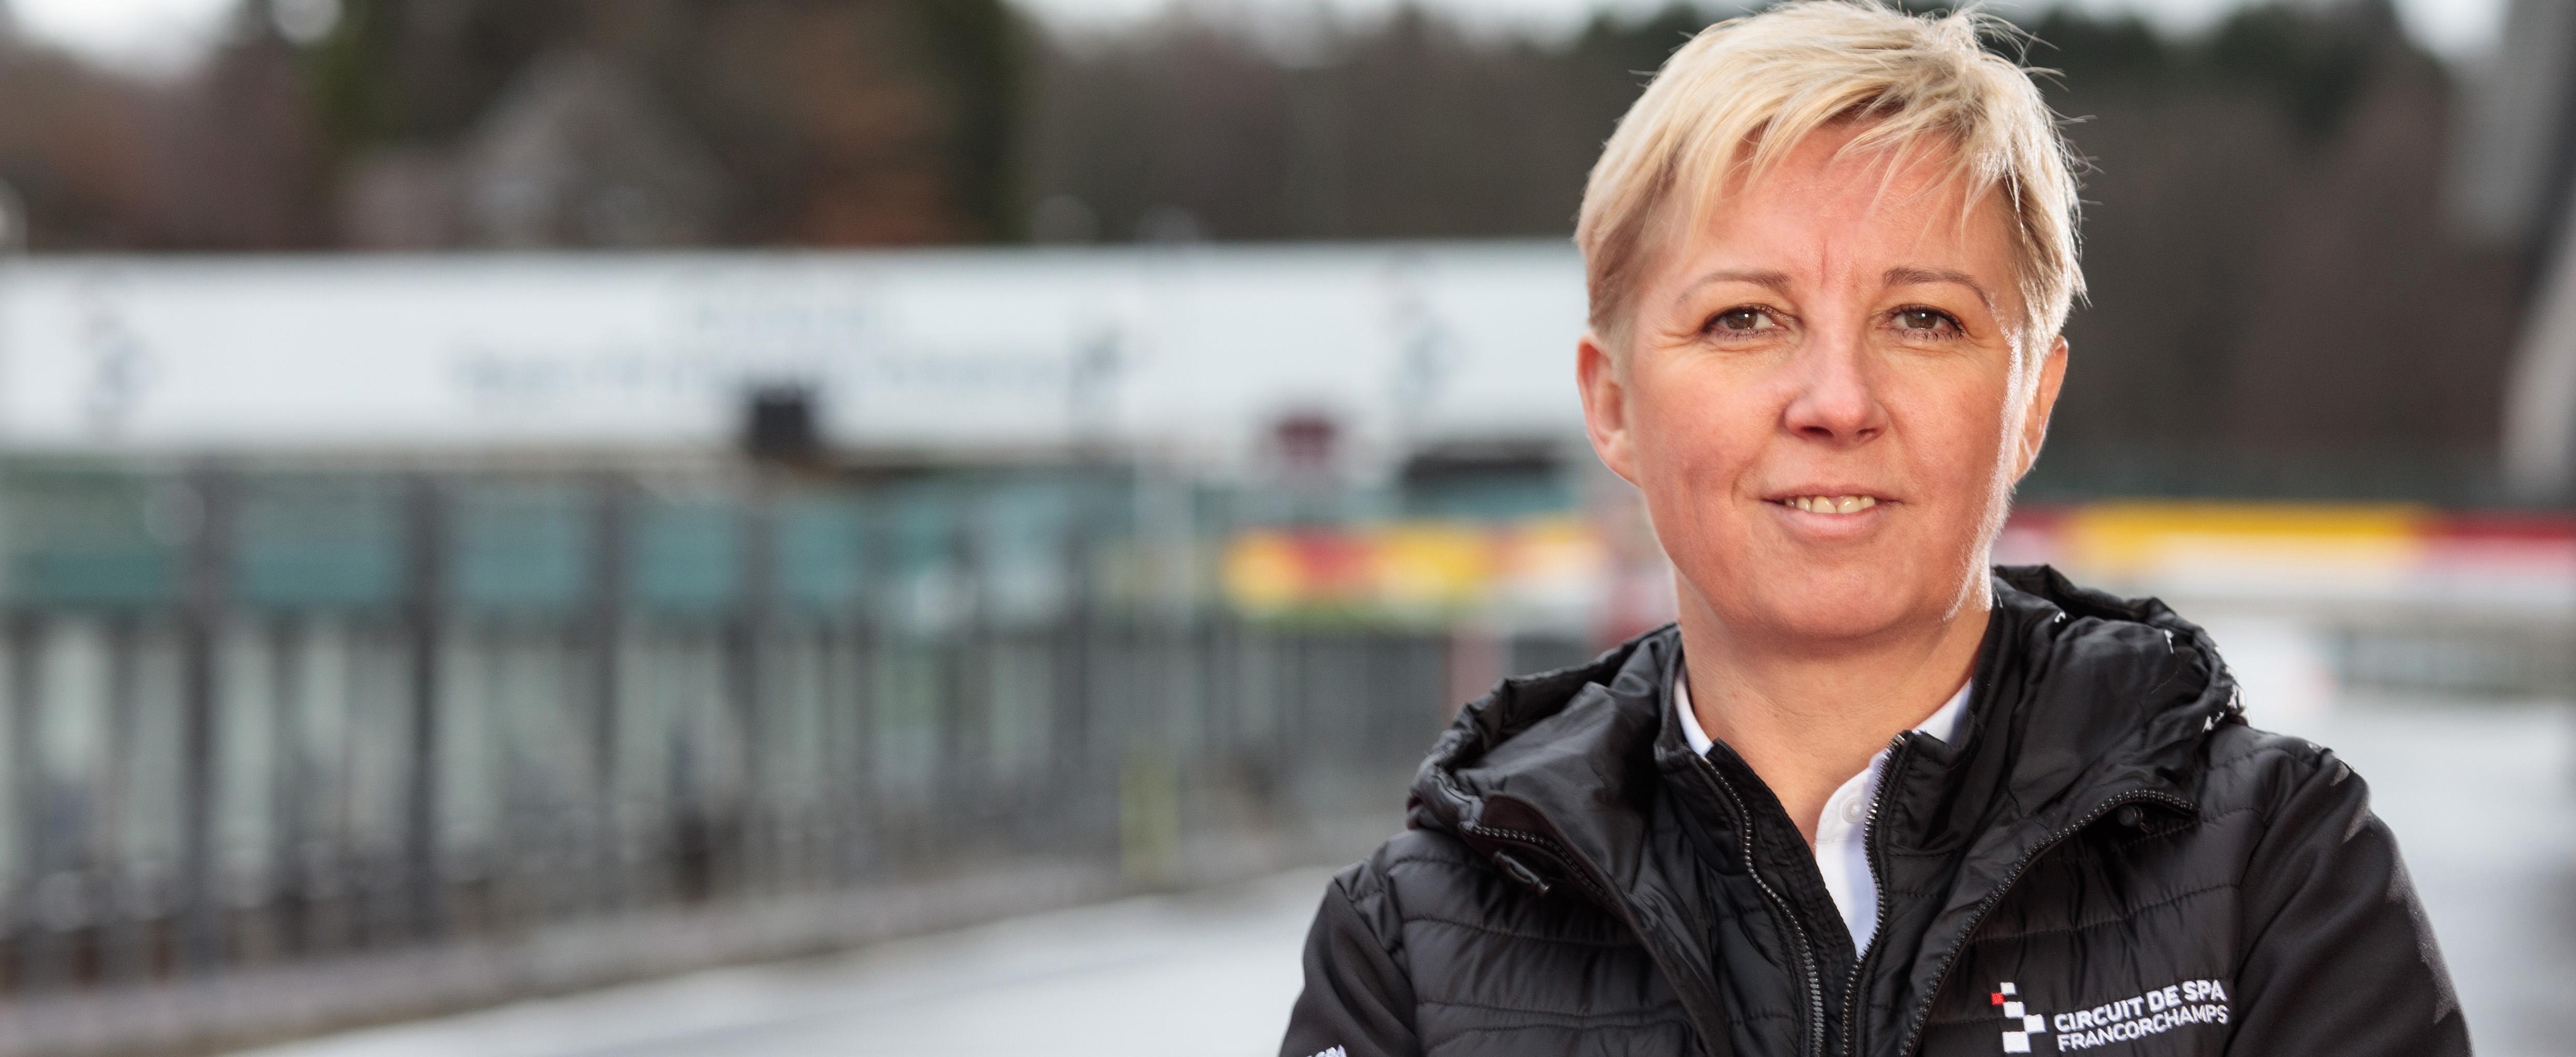 Circuit de Spa-Francorchamps : + de 10 millions d'investissements en 2018